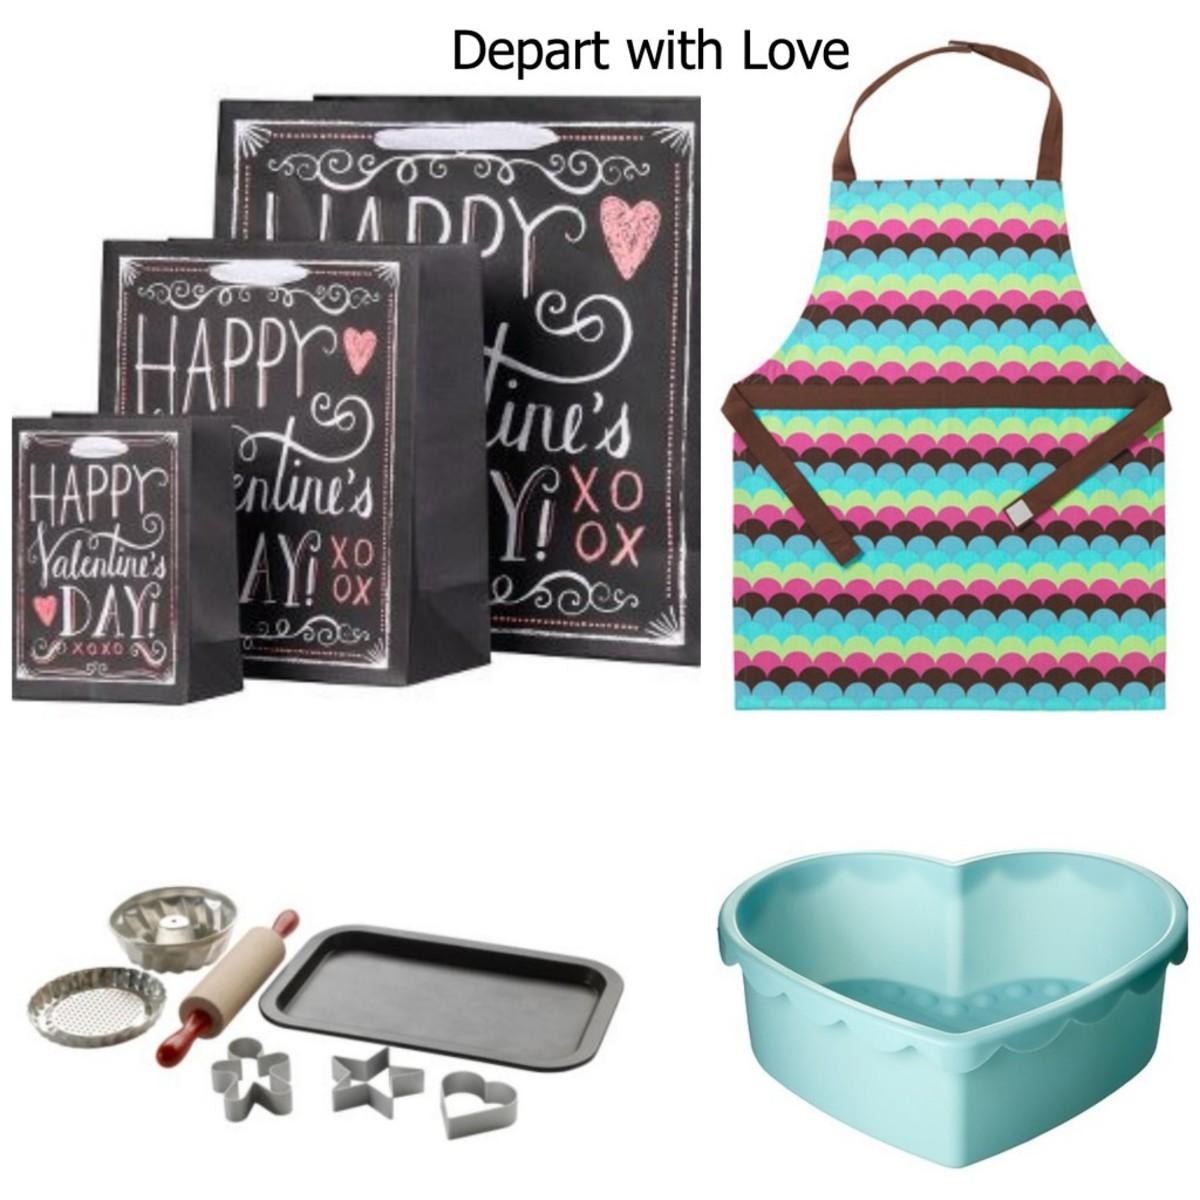 Goody-Bag-for-V-day-1024x1024